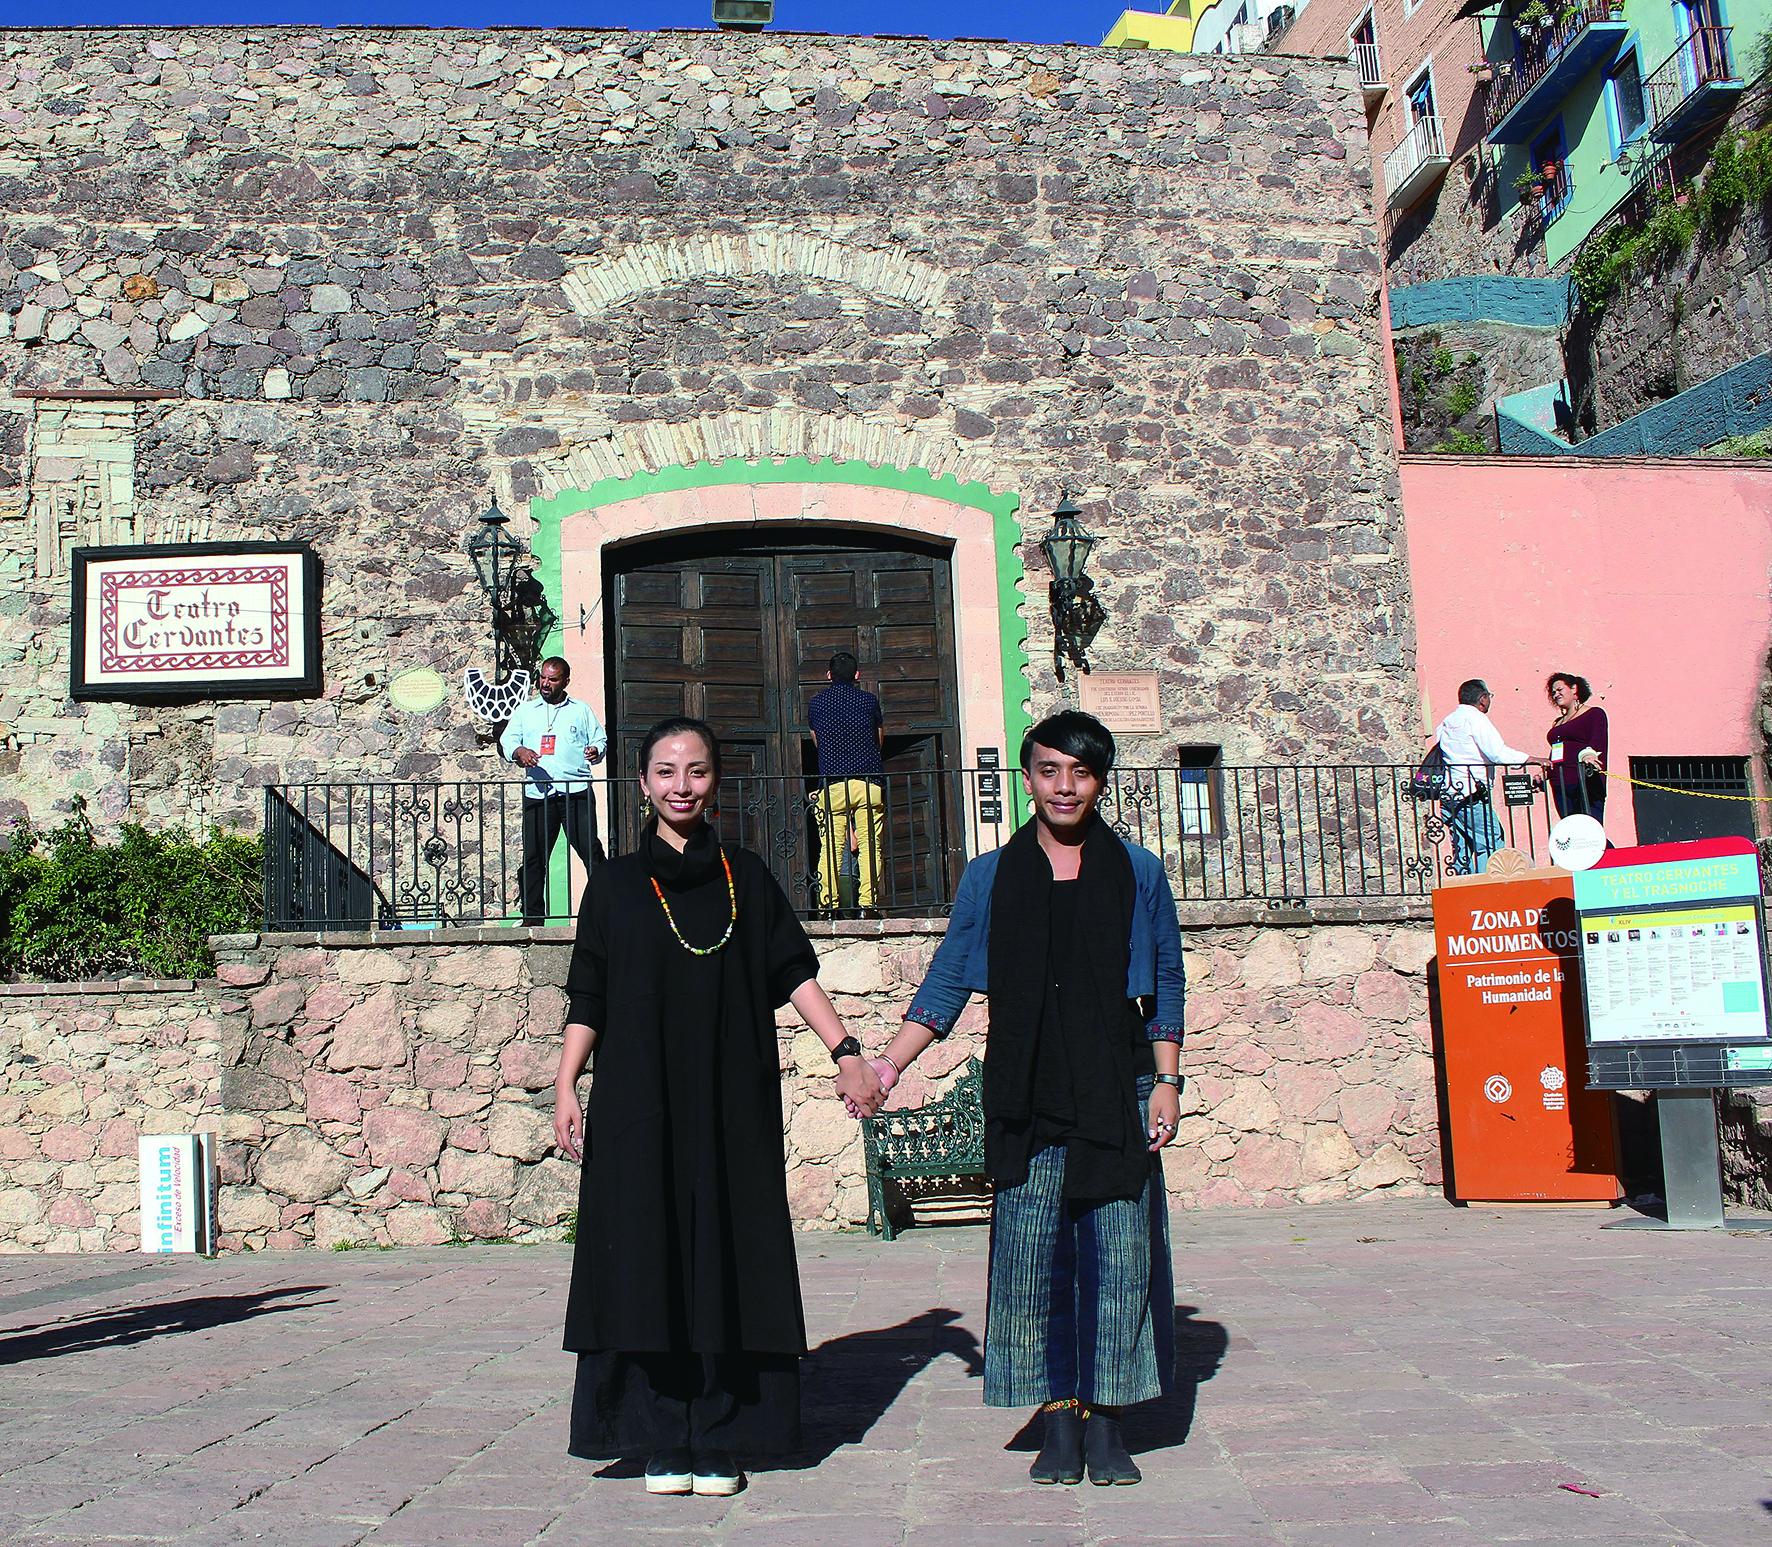 蒂摩爾藝術總監路之(左)與舞蹈總監巴魯在墨西哥賽萬提斯國際藝術節演出劇場前合影。.JPG